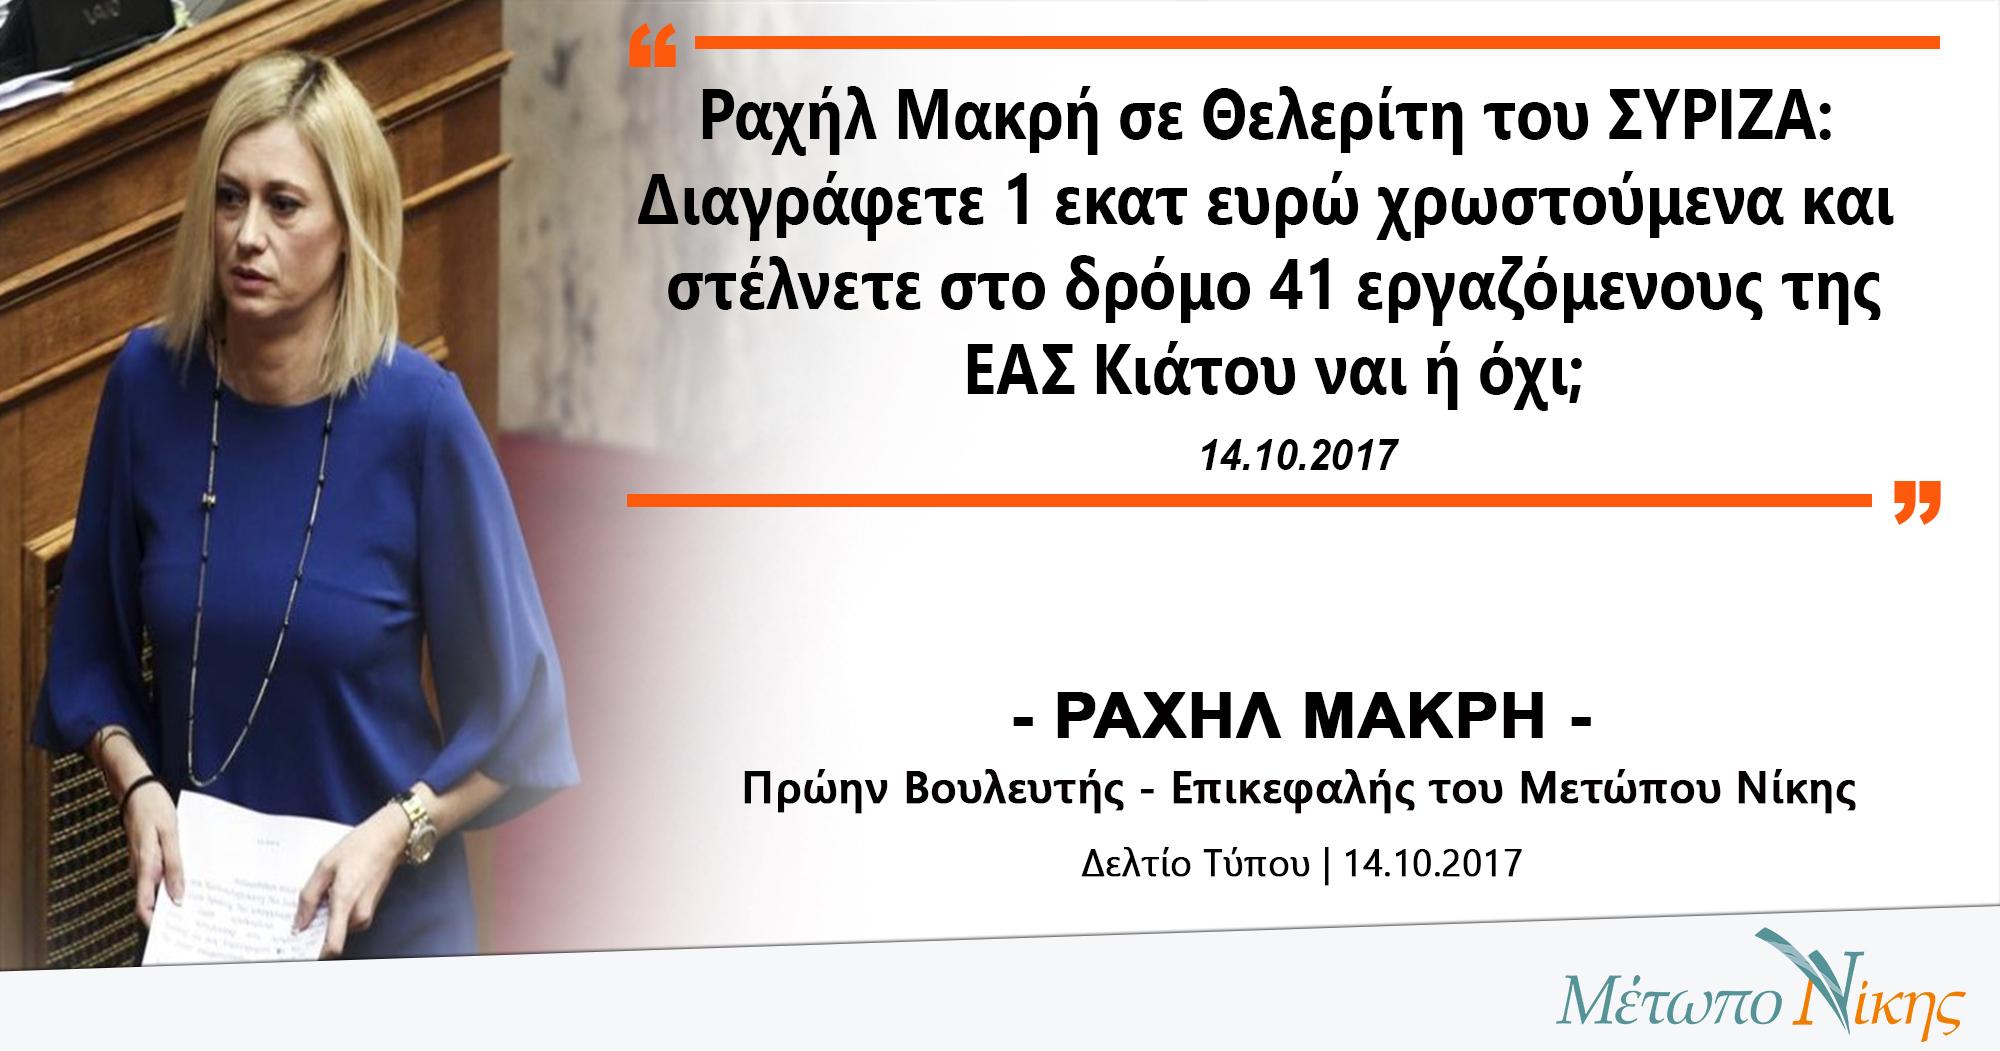 Ραχήλ Μακρή σε Θελερίτη του ΣΥΡΙΖΑ: Διαγράφετε 1 εκατ ευρώ χρωστούμενα και στέλνετε στο δρόμο 41 εργαζόμενους της ΕΑΣ Κιάτου ναι ή όχι;